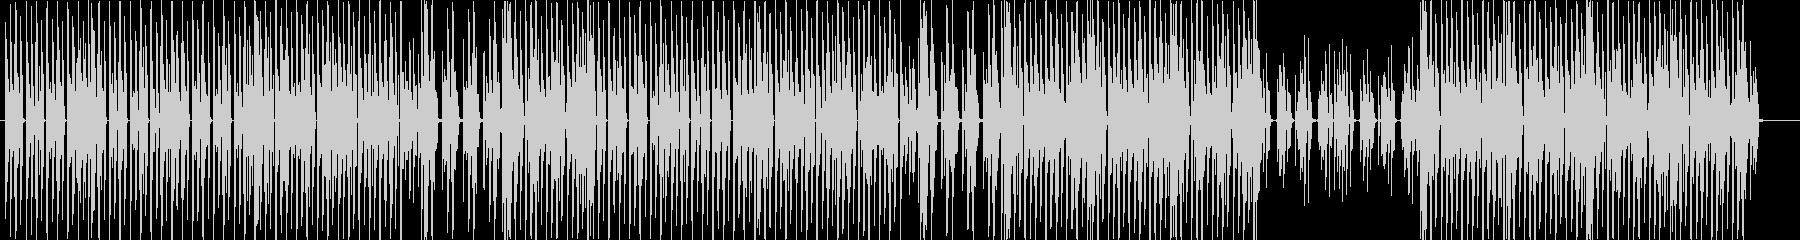 洋楽、ファンク、ディスコ、ヒップホップ♪の未再生の波形